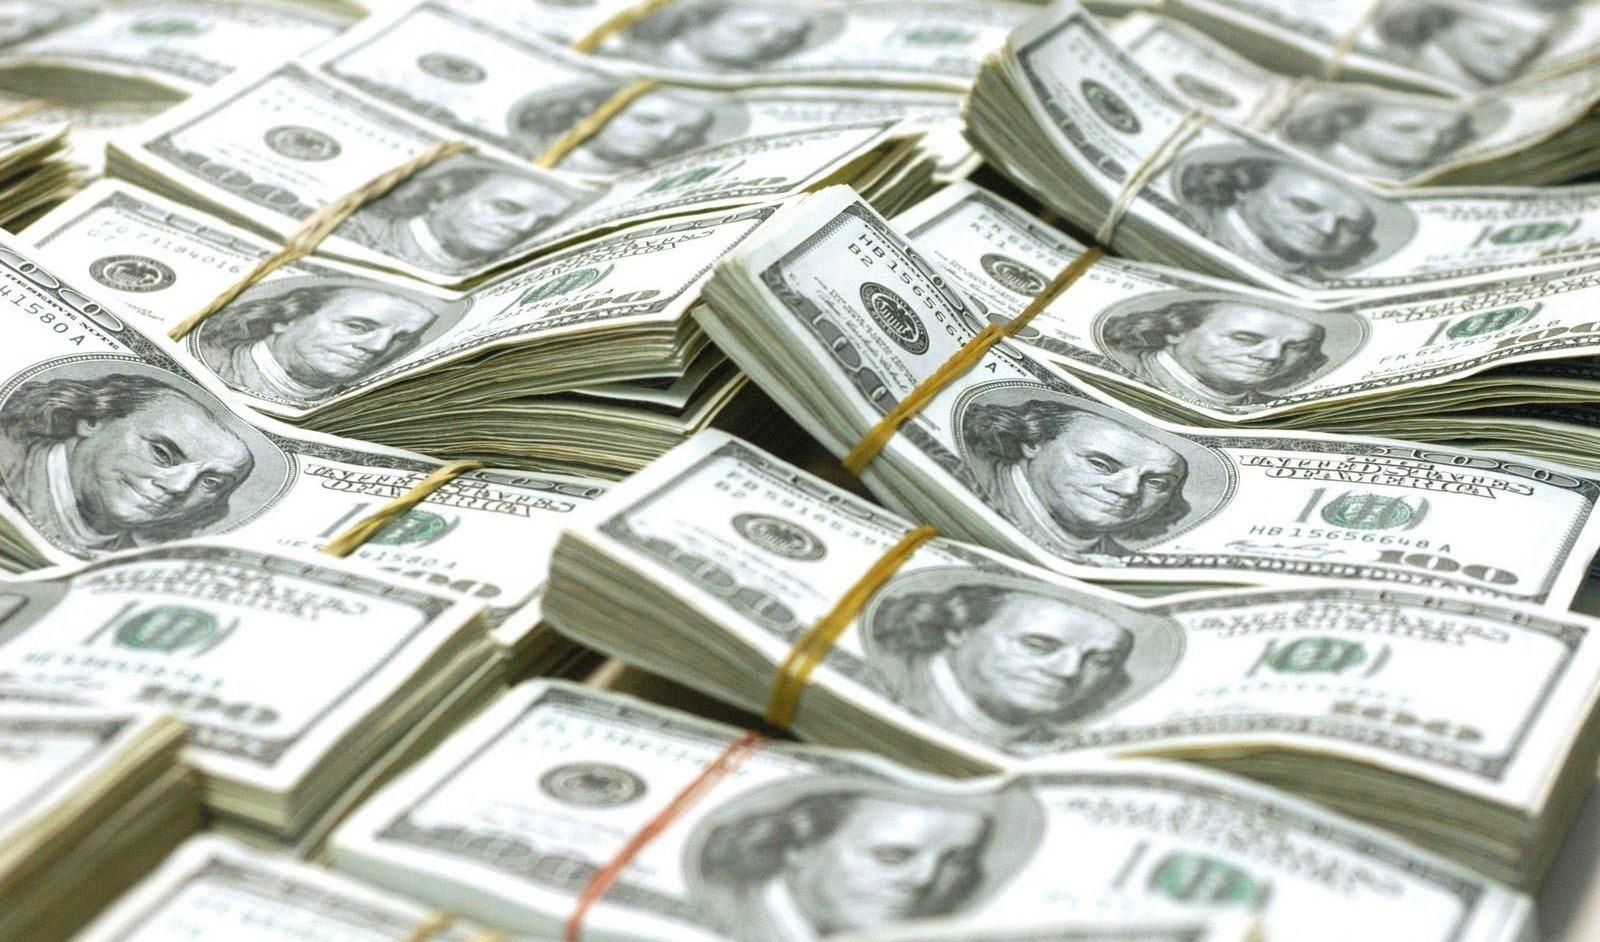 http://shbabbek.com/upload/أسعار الدولار في البنوك والسوق السوداء 28 يونيو 2017